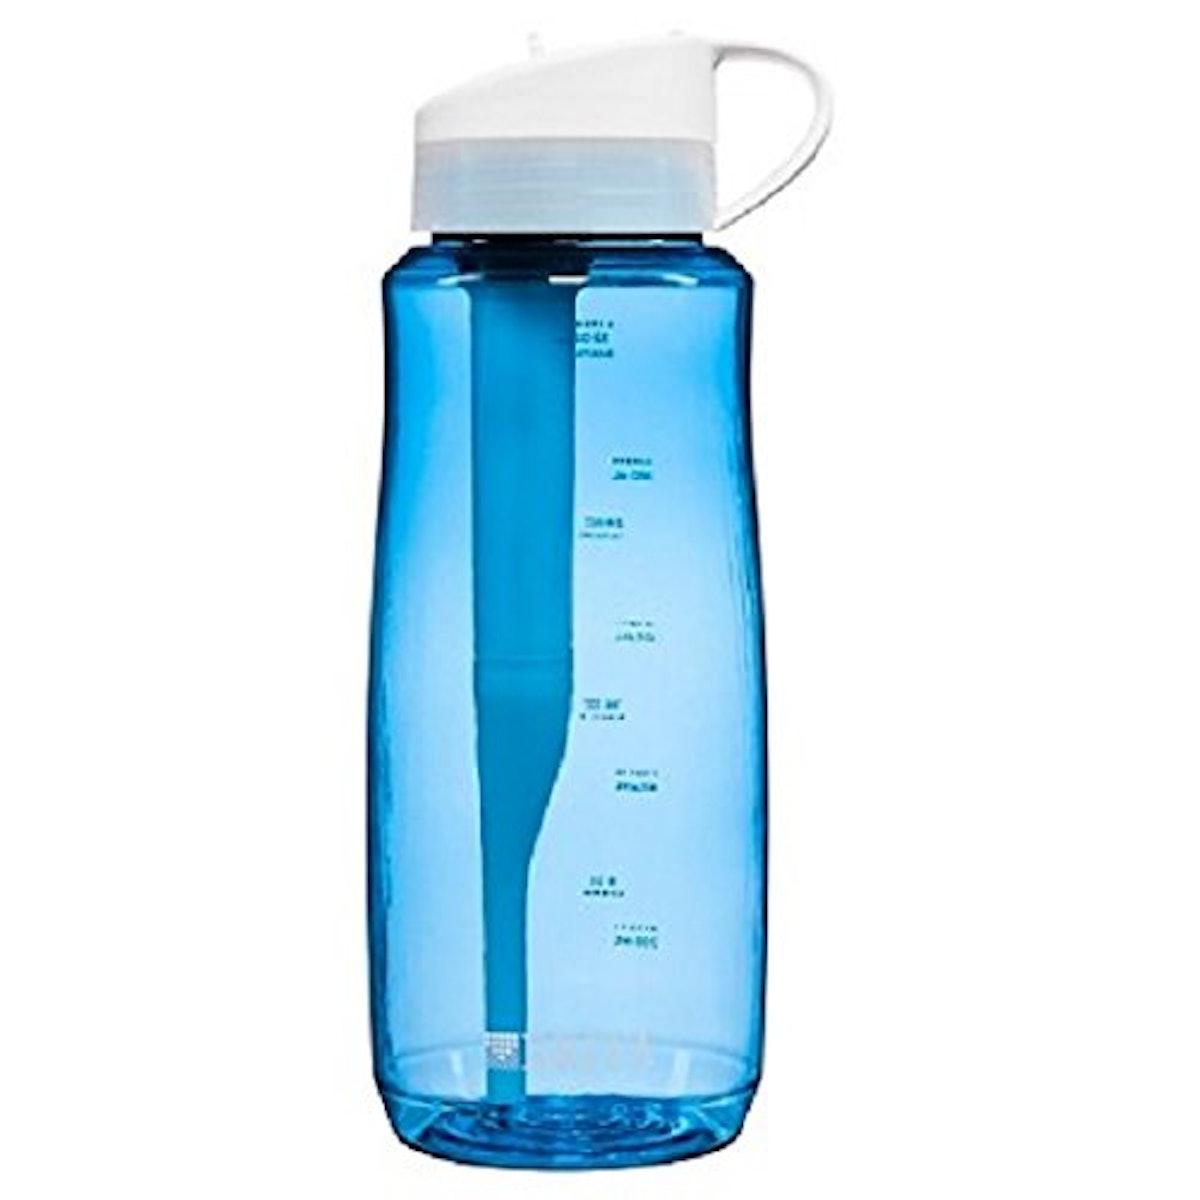 Brita Filtered Water Bottle